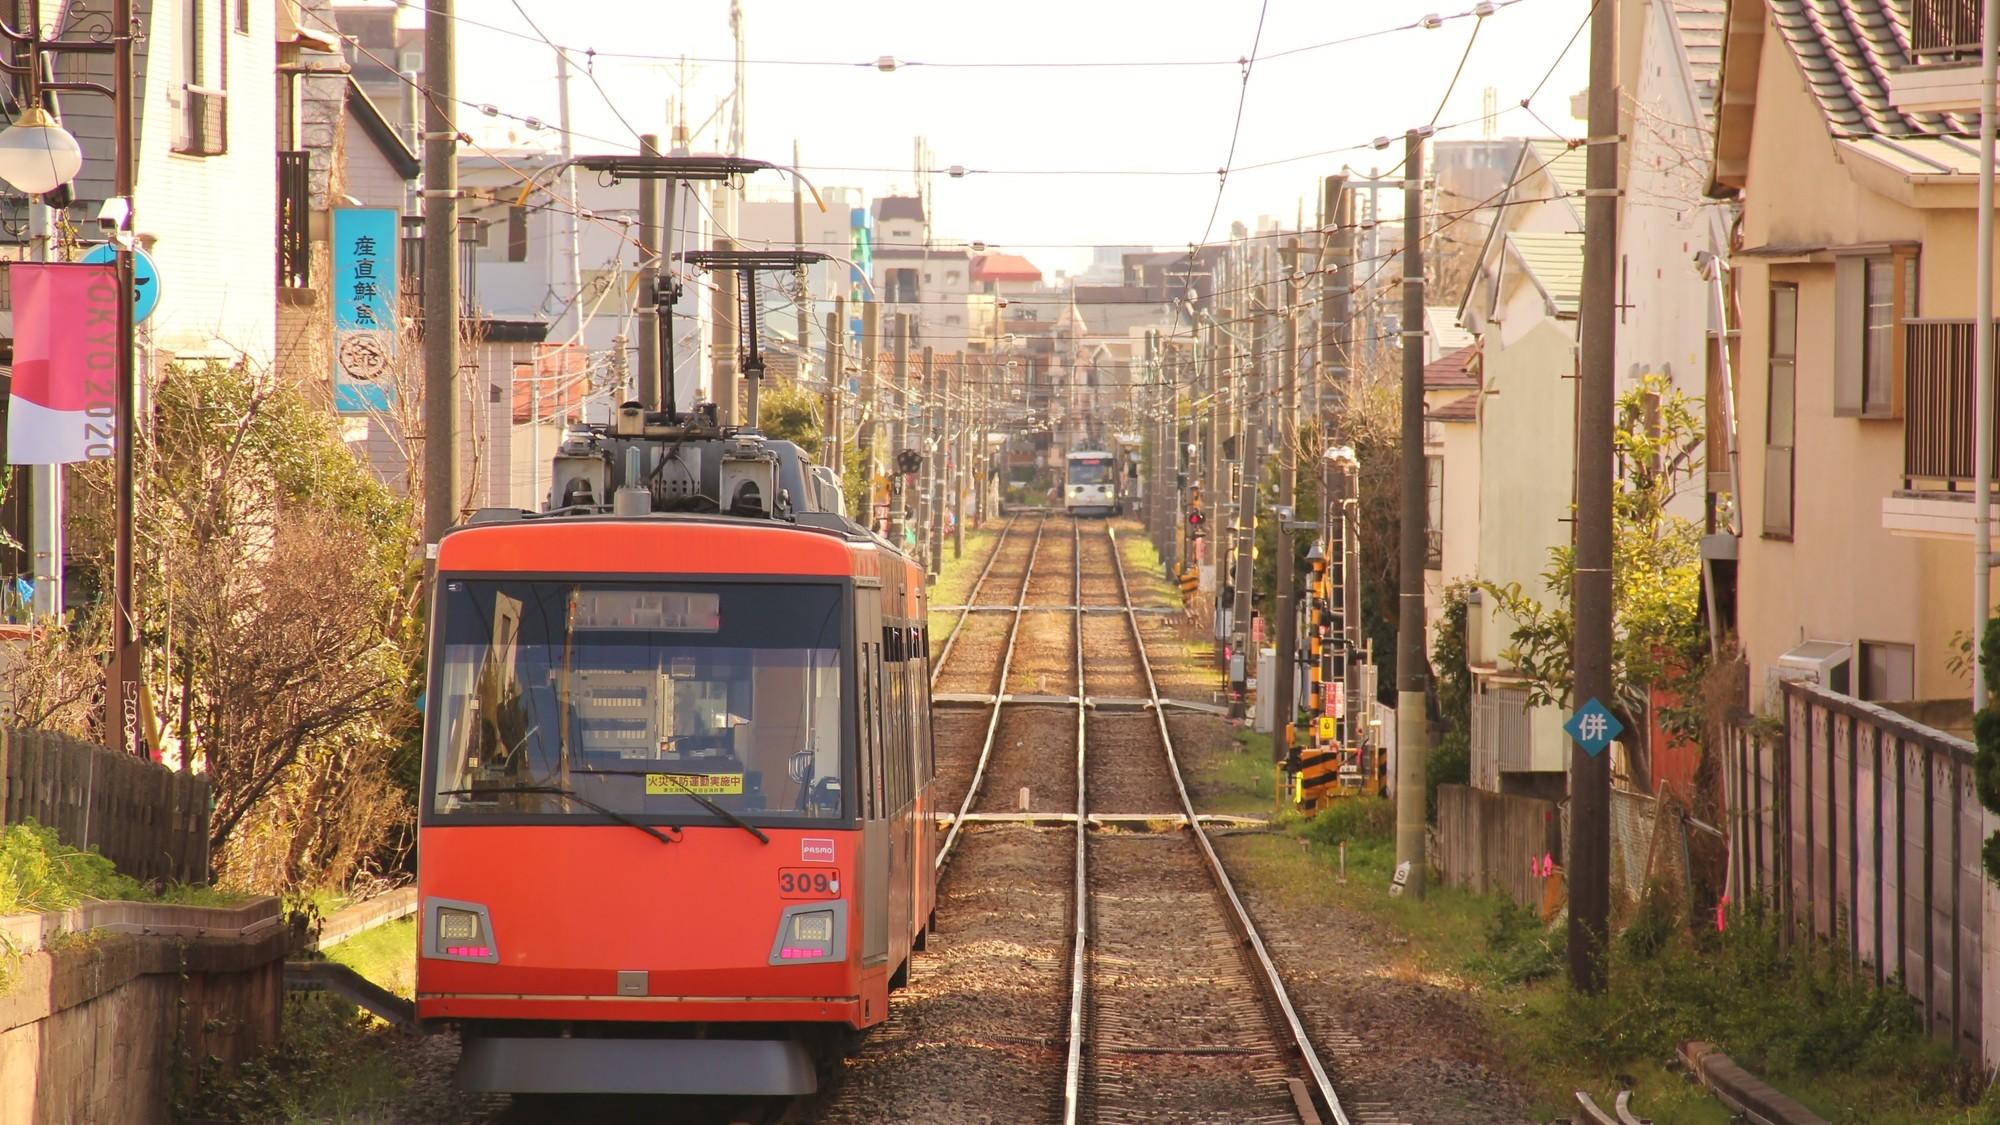 ローカル感がスゴイ「東急世田谷線」…住む人を選ぶマニア路線